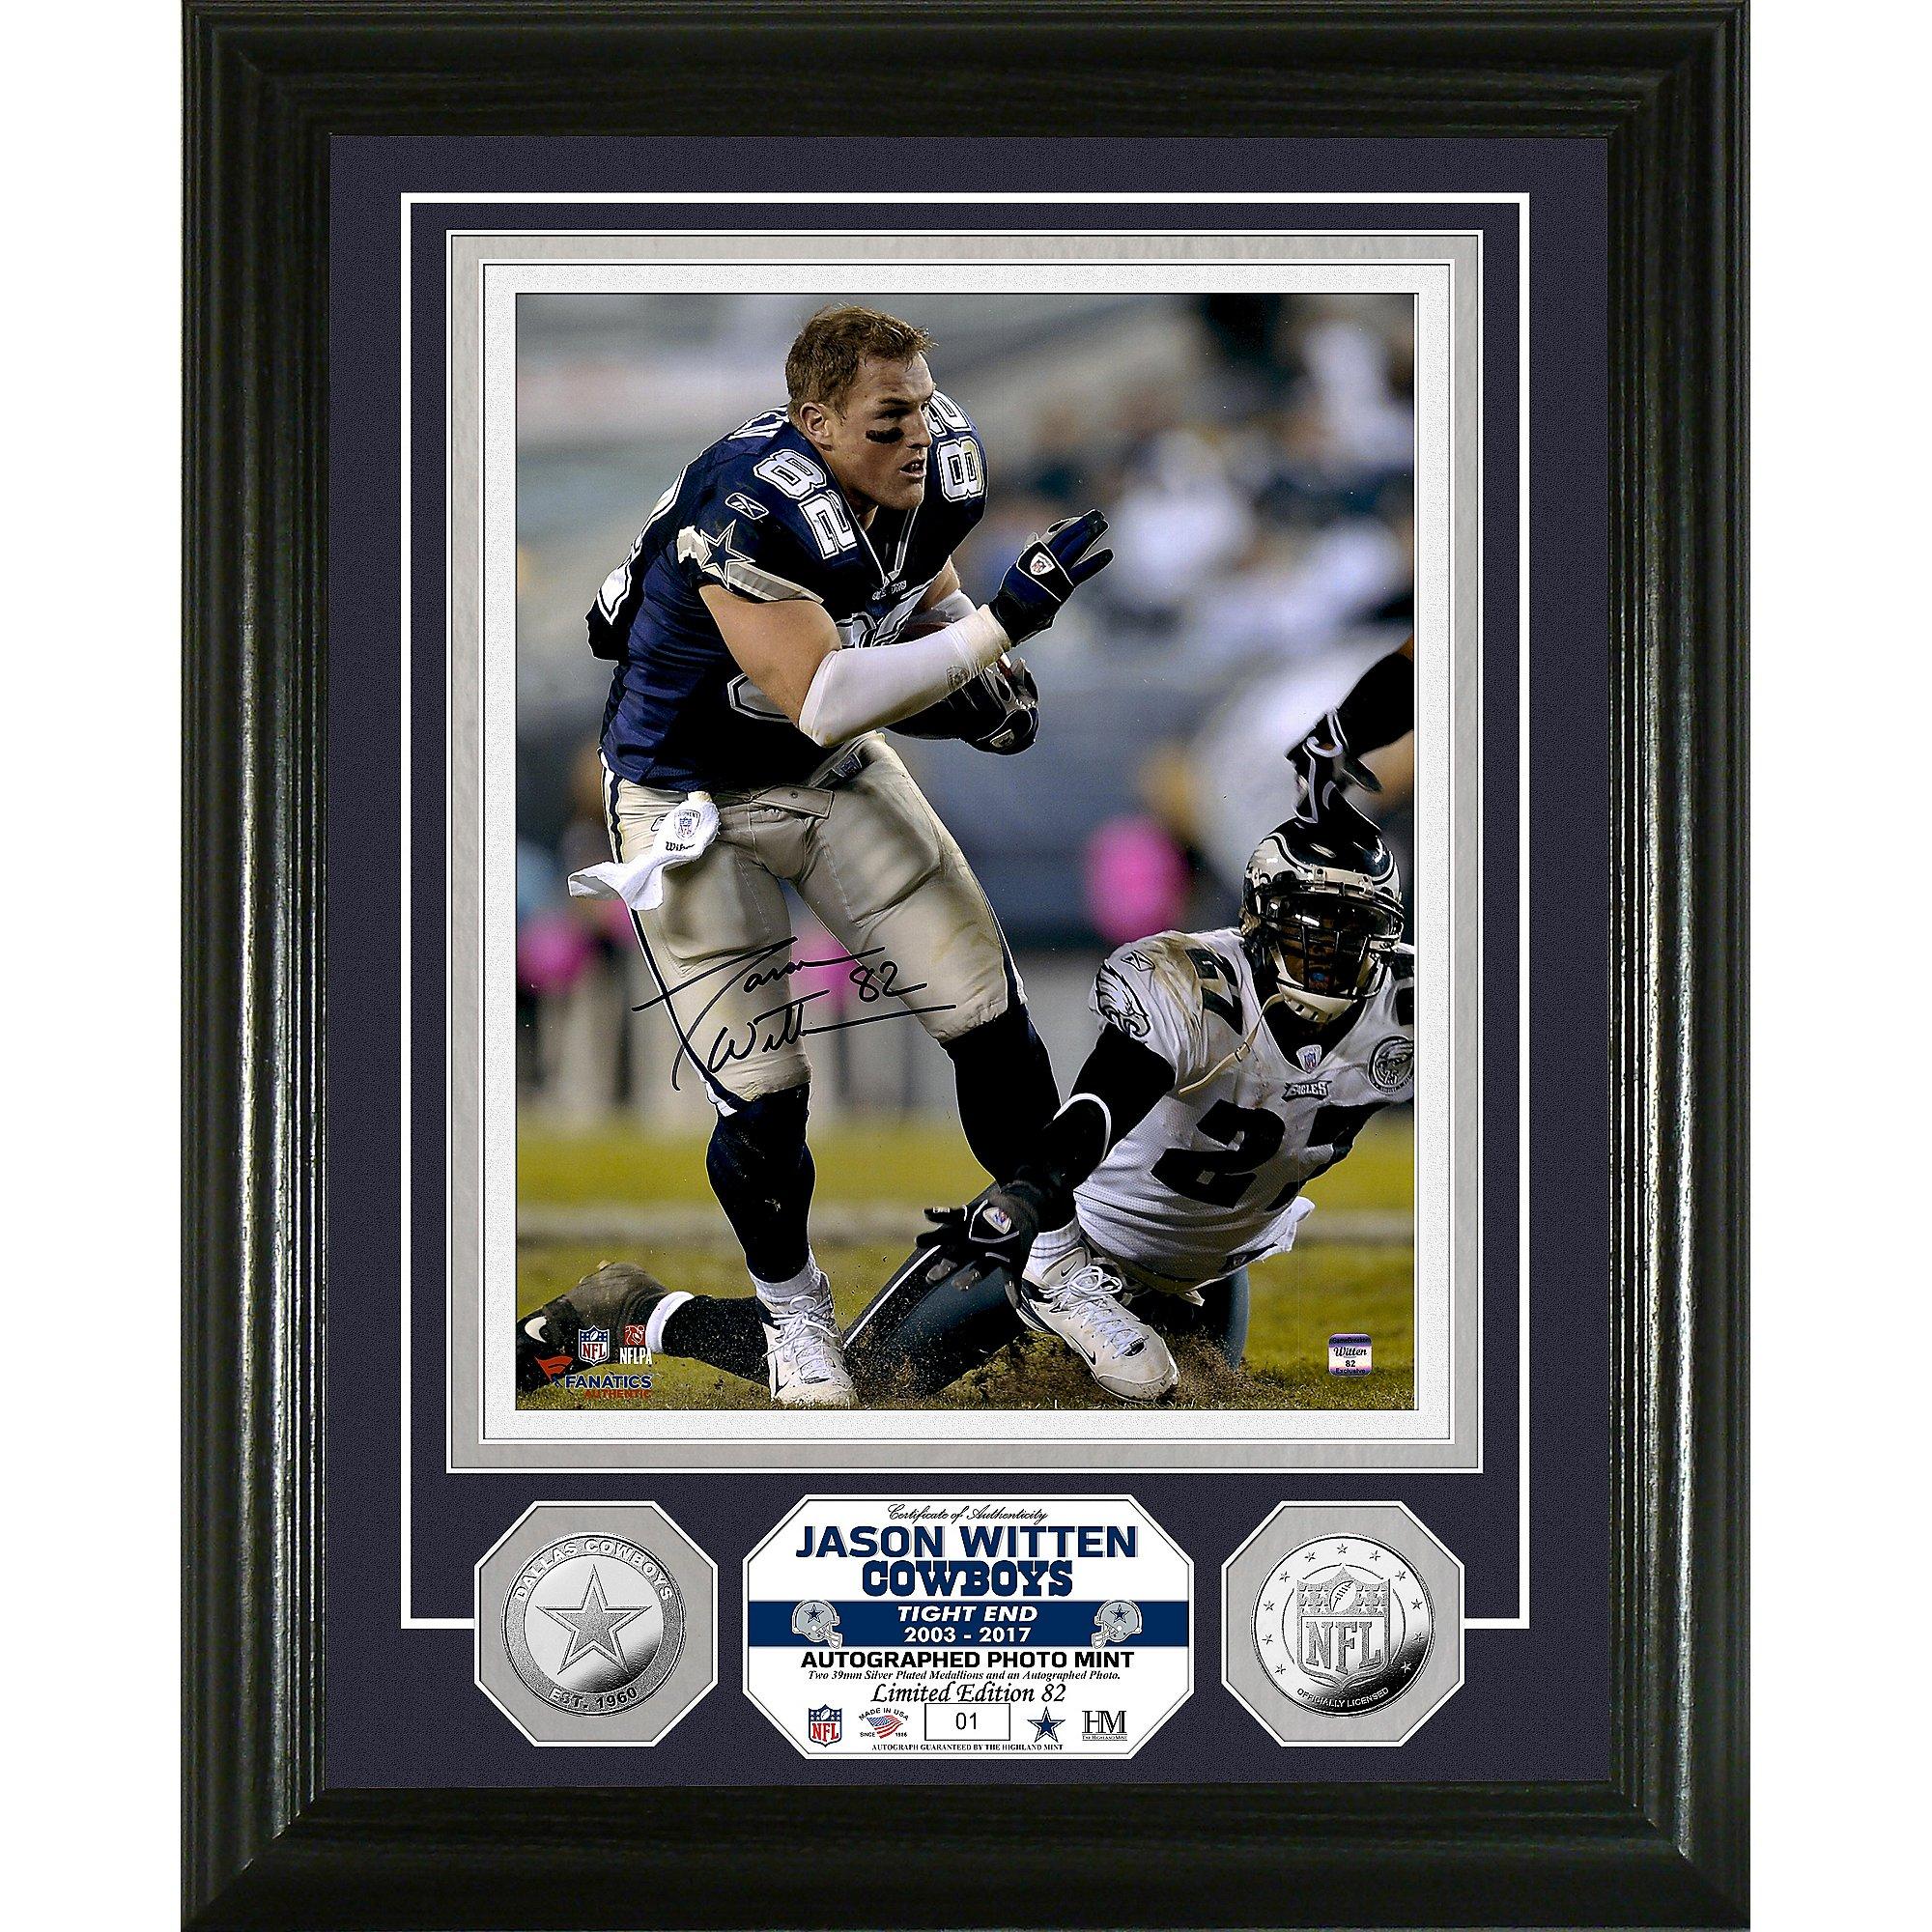 Dallas Cowboys Jason Witten Autographed Photo Mint Frame